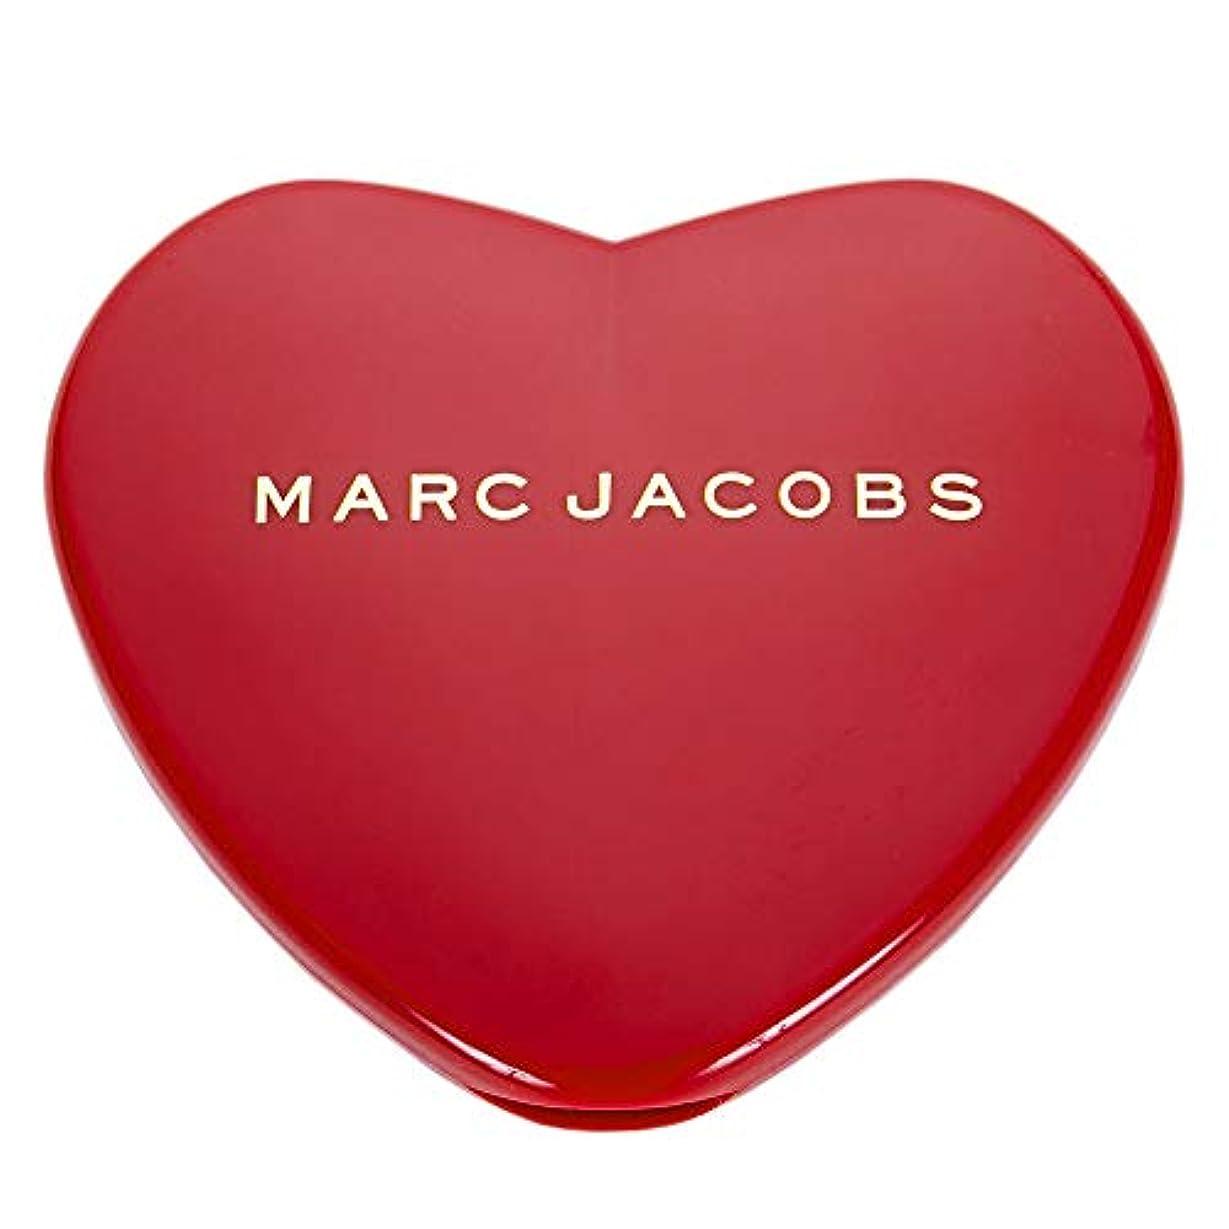 決定ロマンチック泣いている[名入れ対応可] MARC JACOBS マークジェイコブス ハート コンパクトミラー コスメ 折りたたみ (名入れなし)